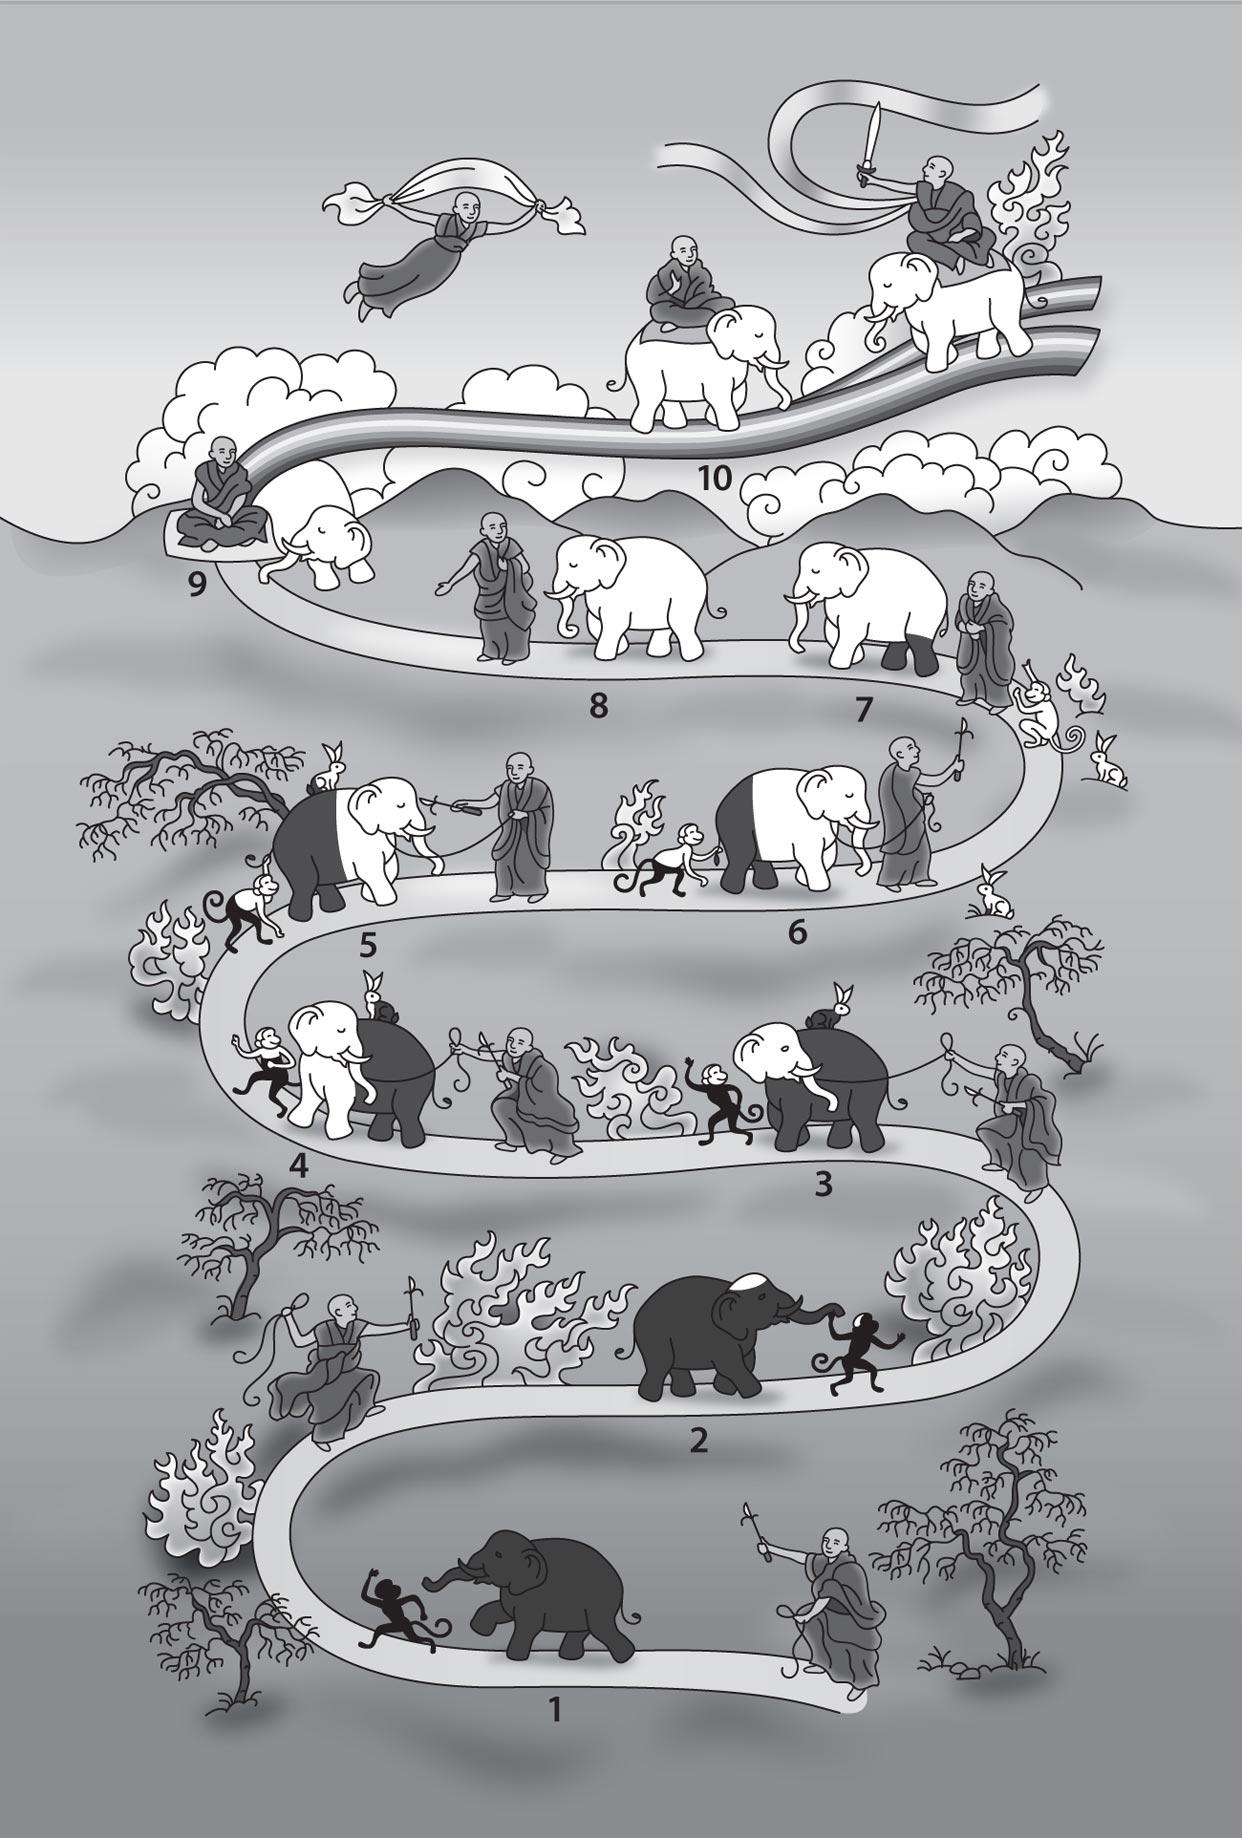 ten-stages-of-meditation-illustration